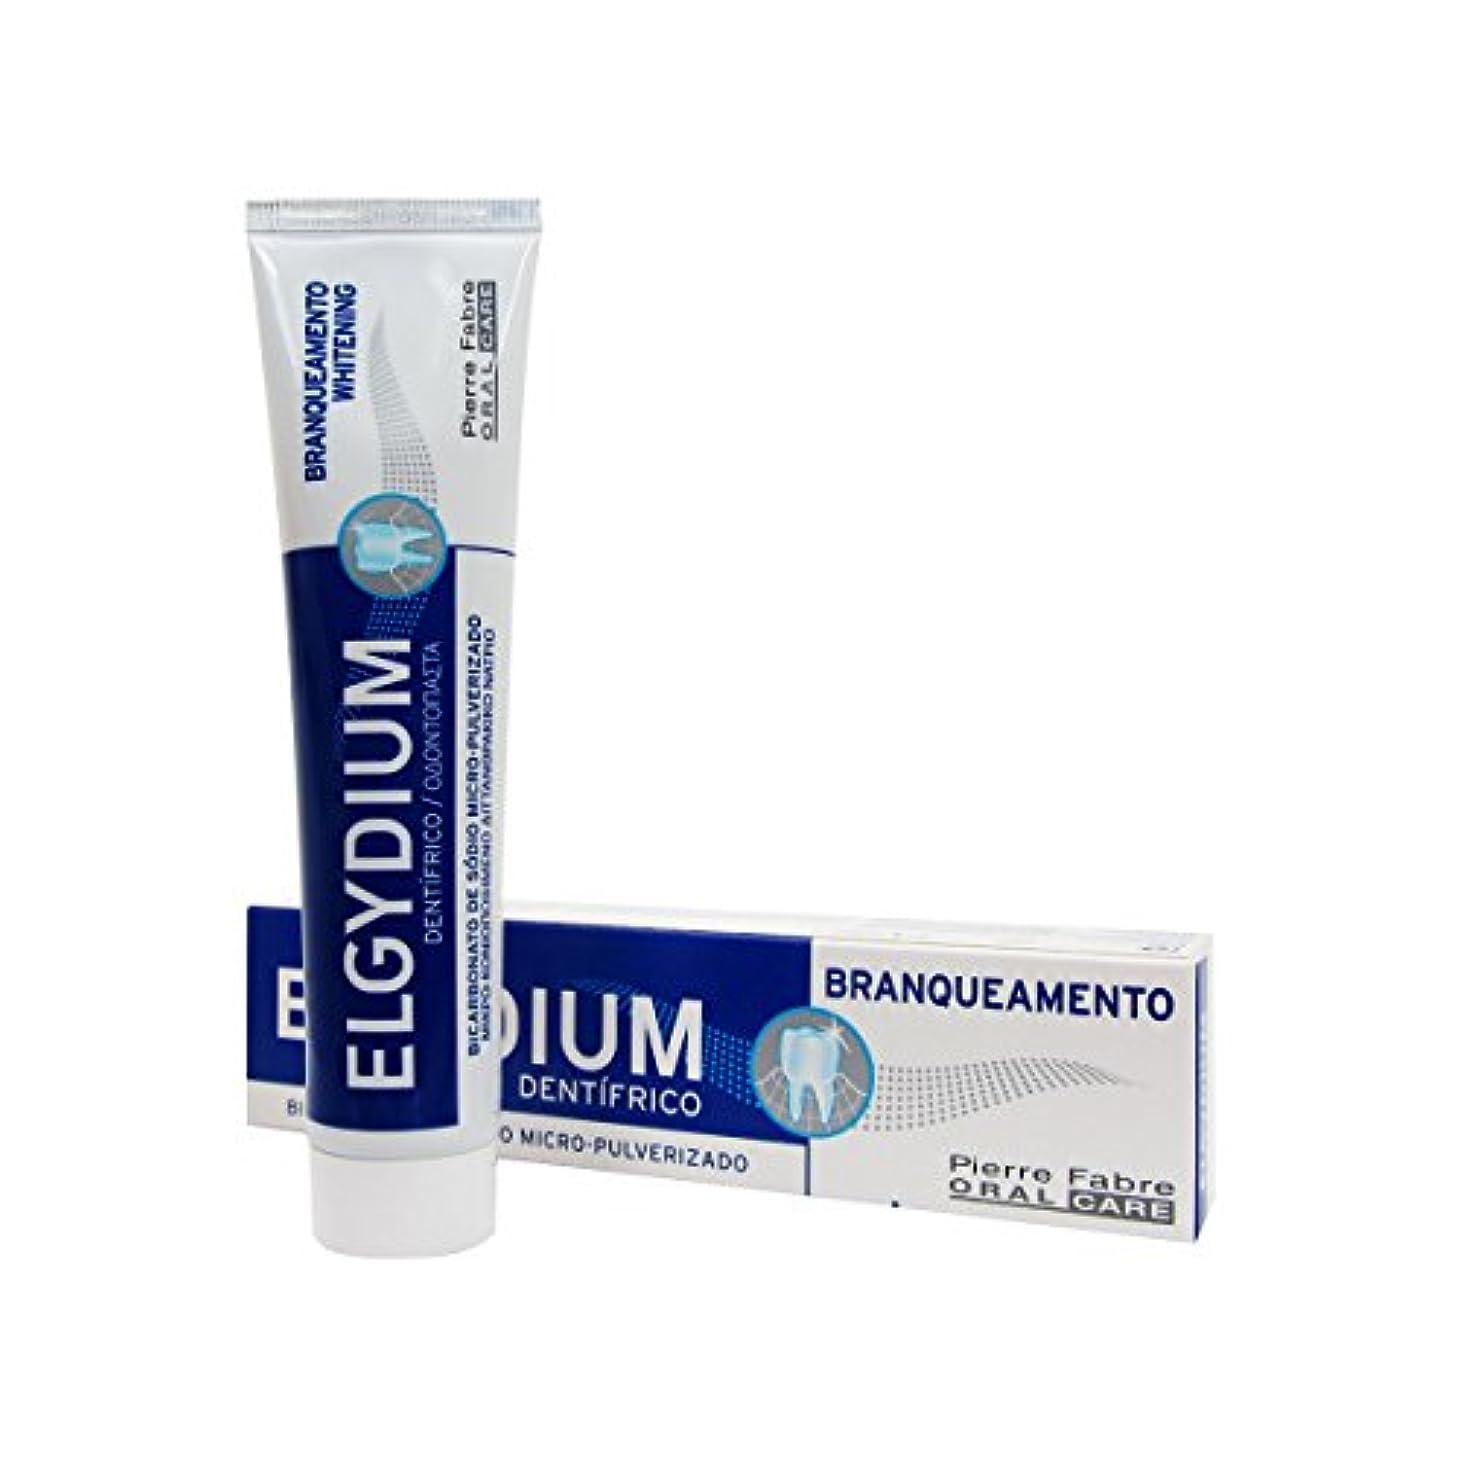 シャッタースラッシュ水銀のElgydium Whitening Toothpaste 75ml [並行輸入品]